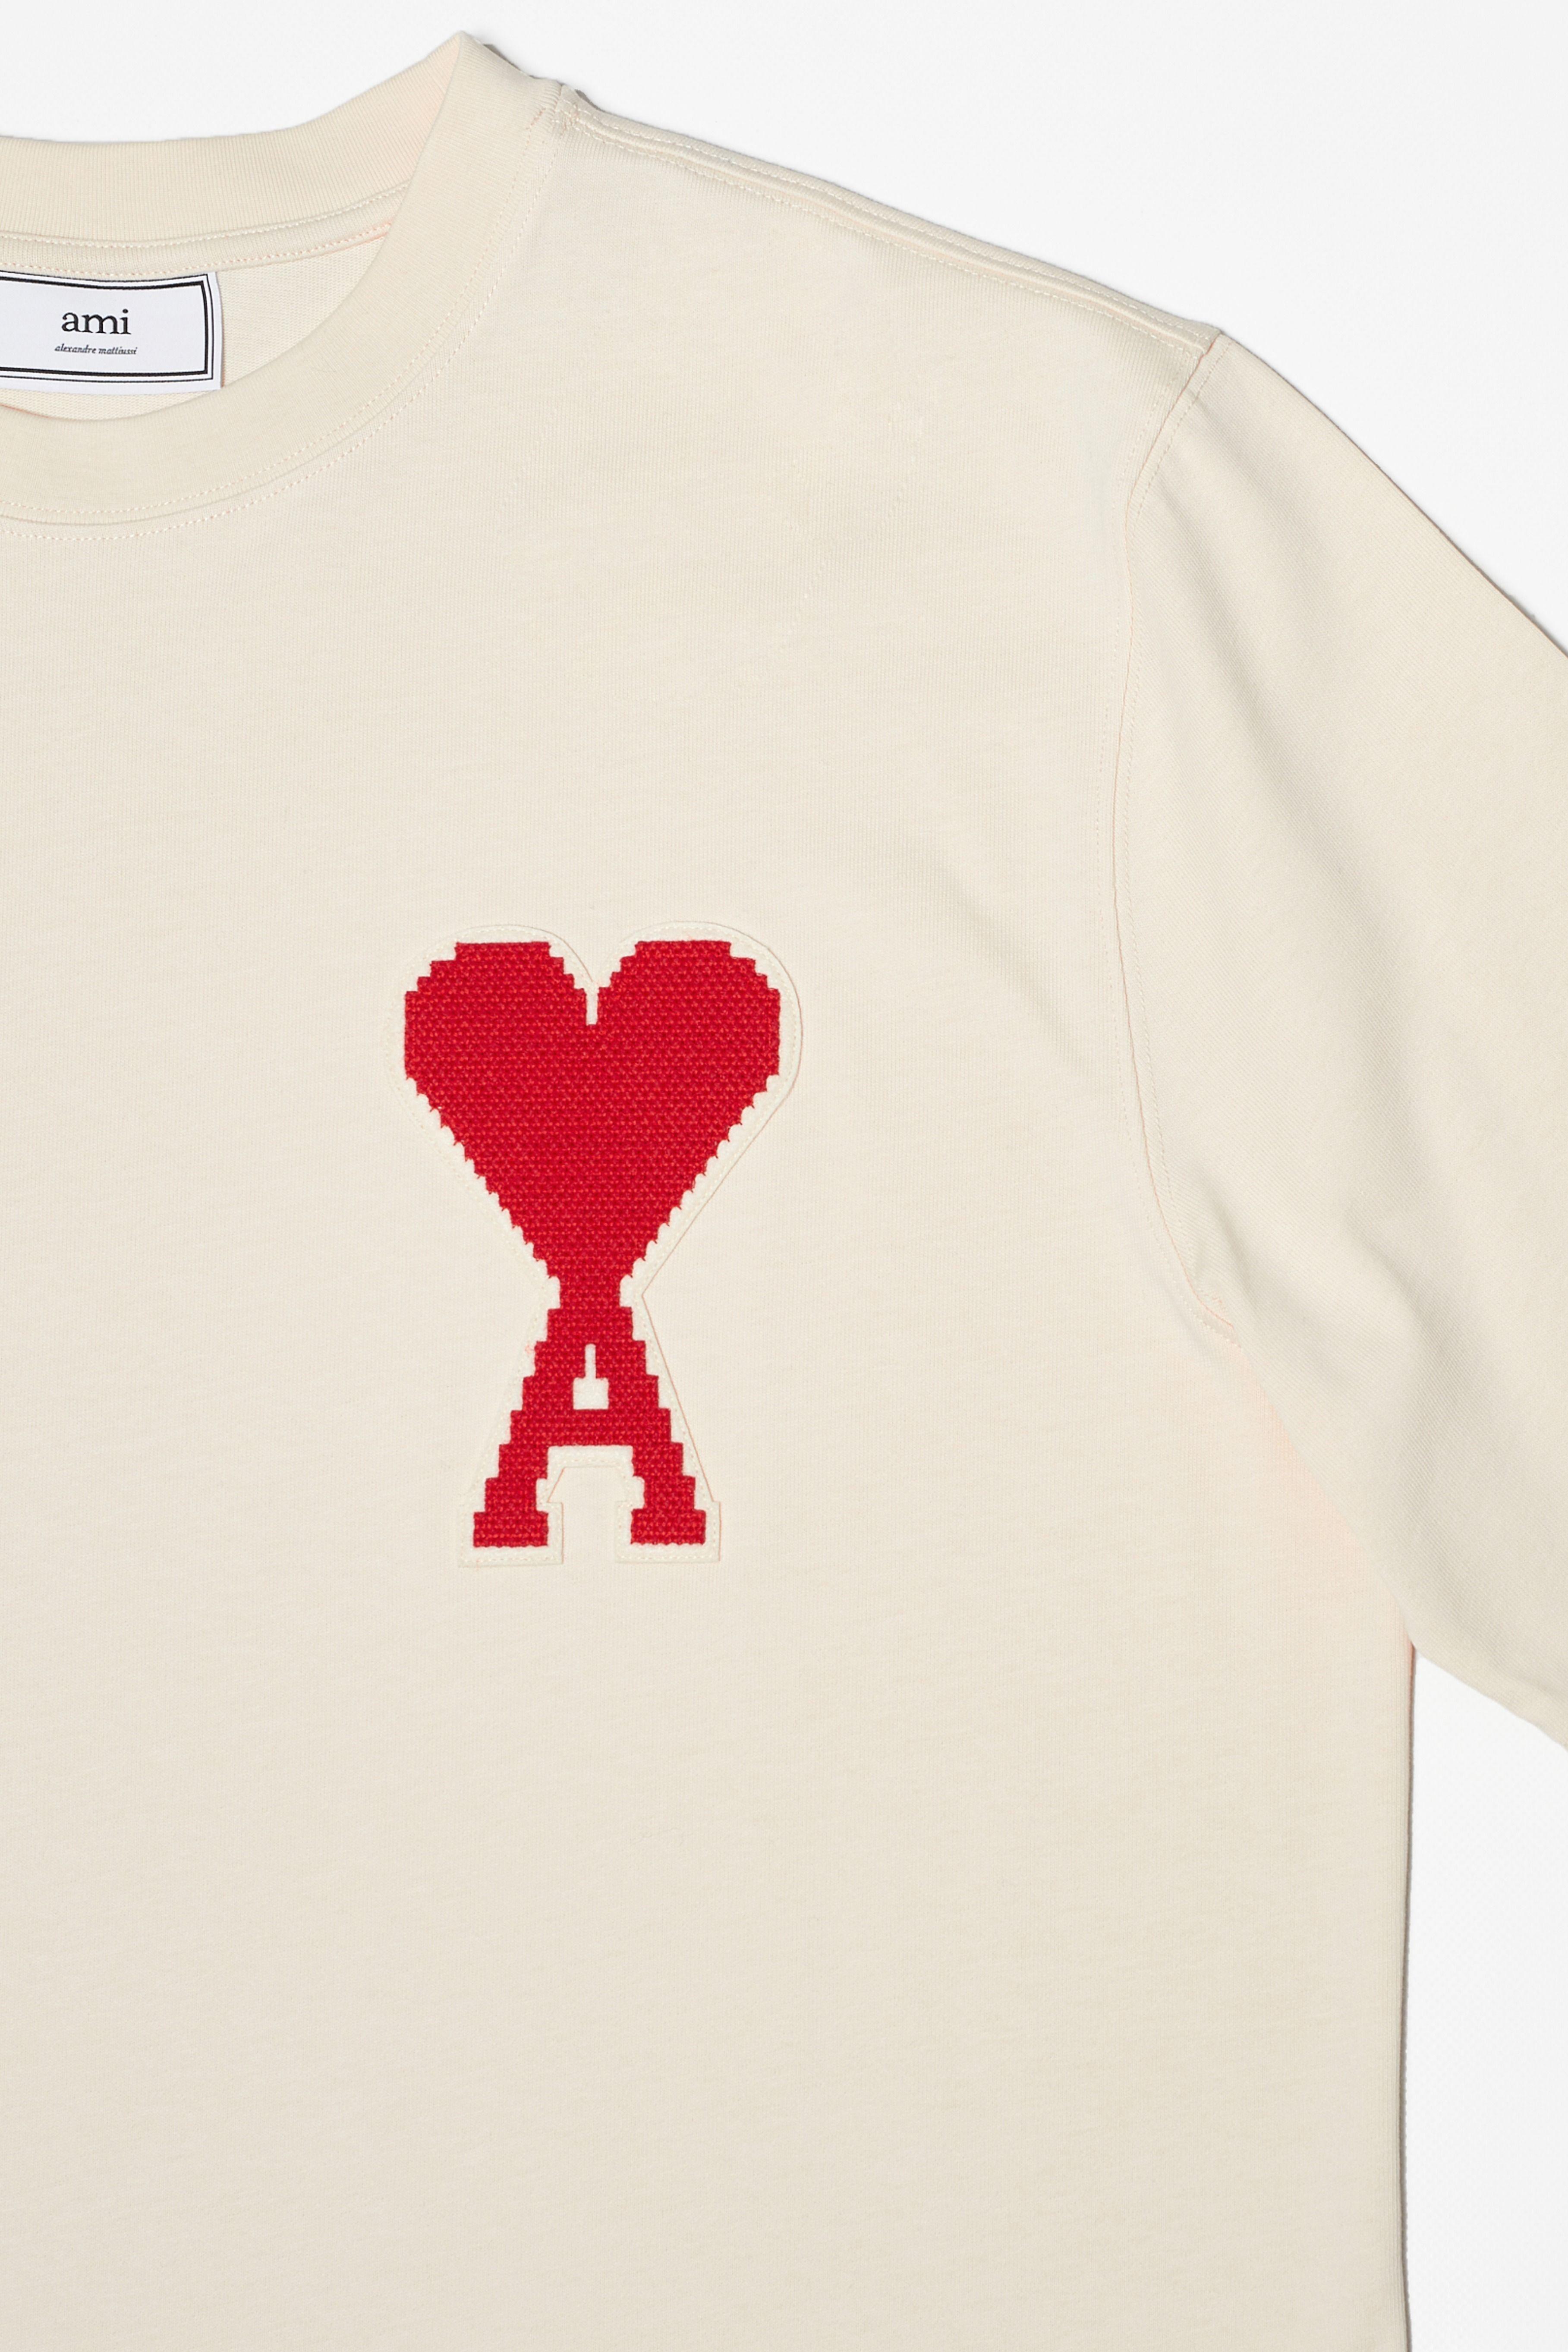 #ami #amiparis #aw19 #menswear #mensstyle #fashion #streetwear